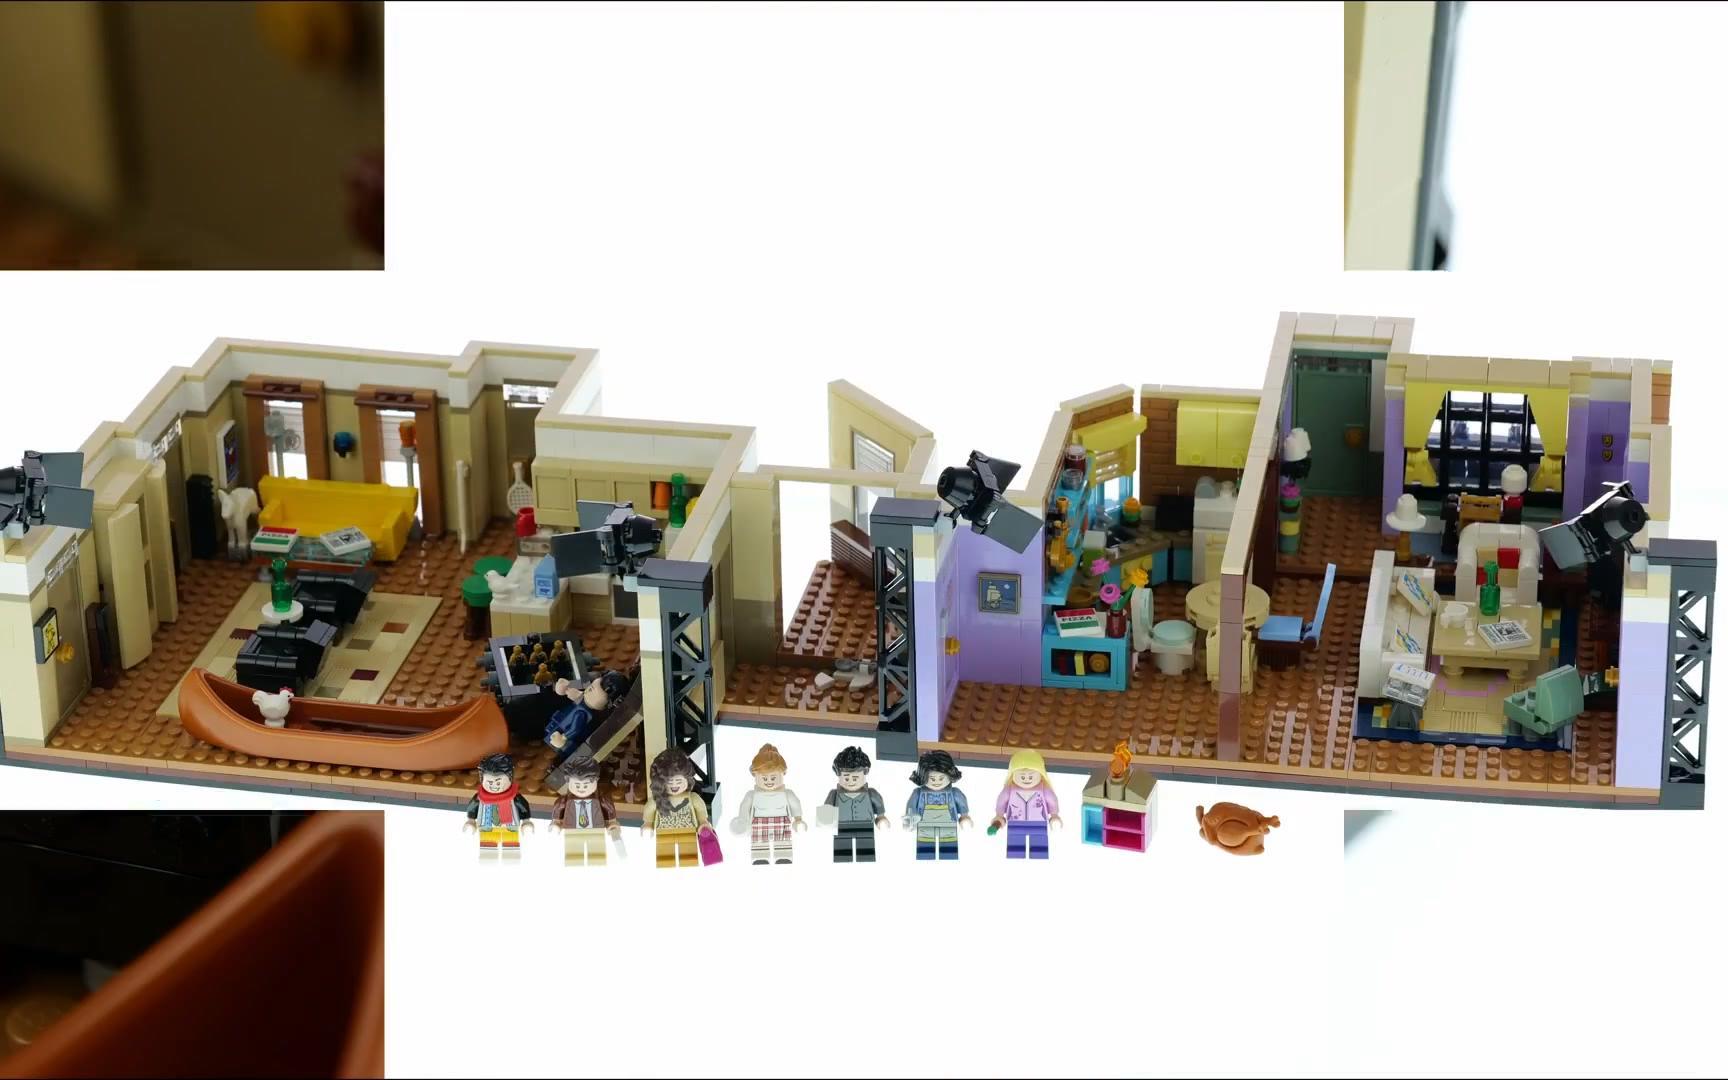 乐高 LEGO 10292 创意高手系列 老友记公寓